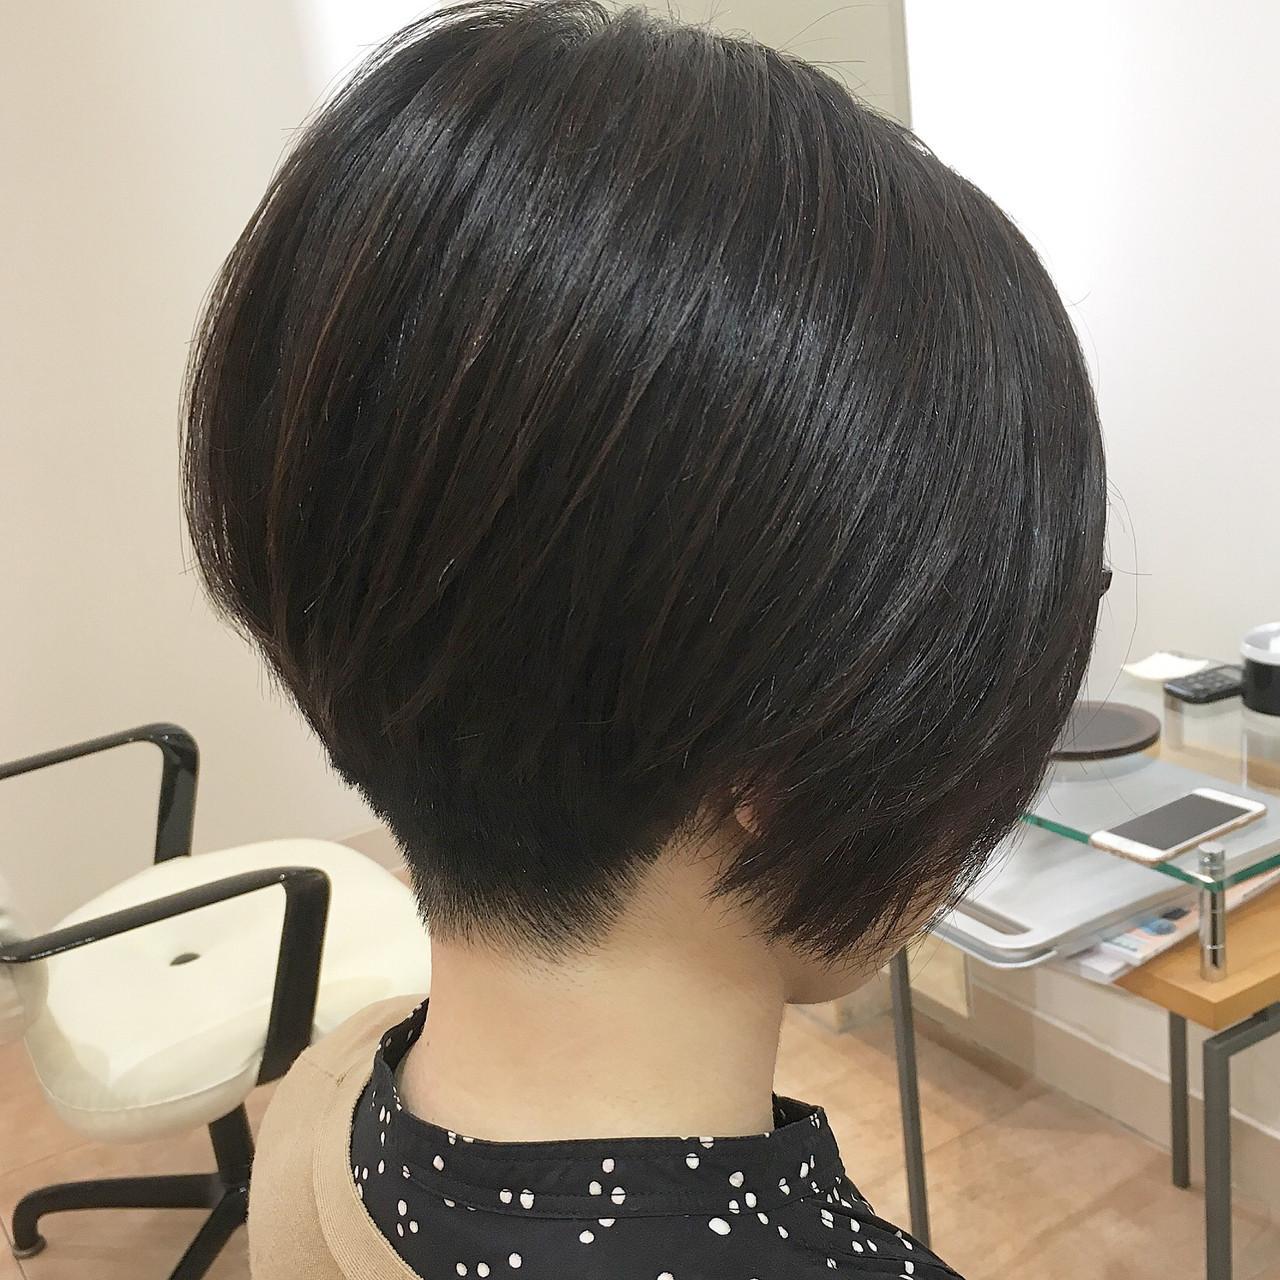 ナチュラル オフィス ボブ ショートボブ ヘアスタイルや髪型の写真・画像